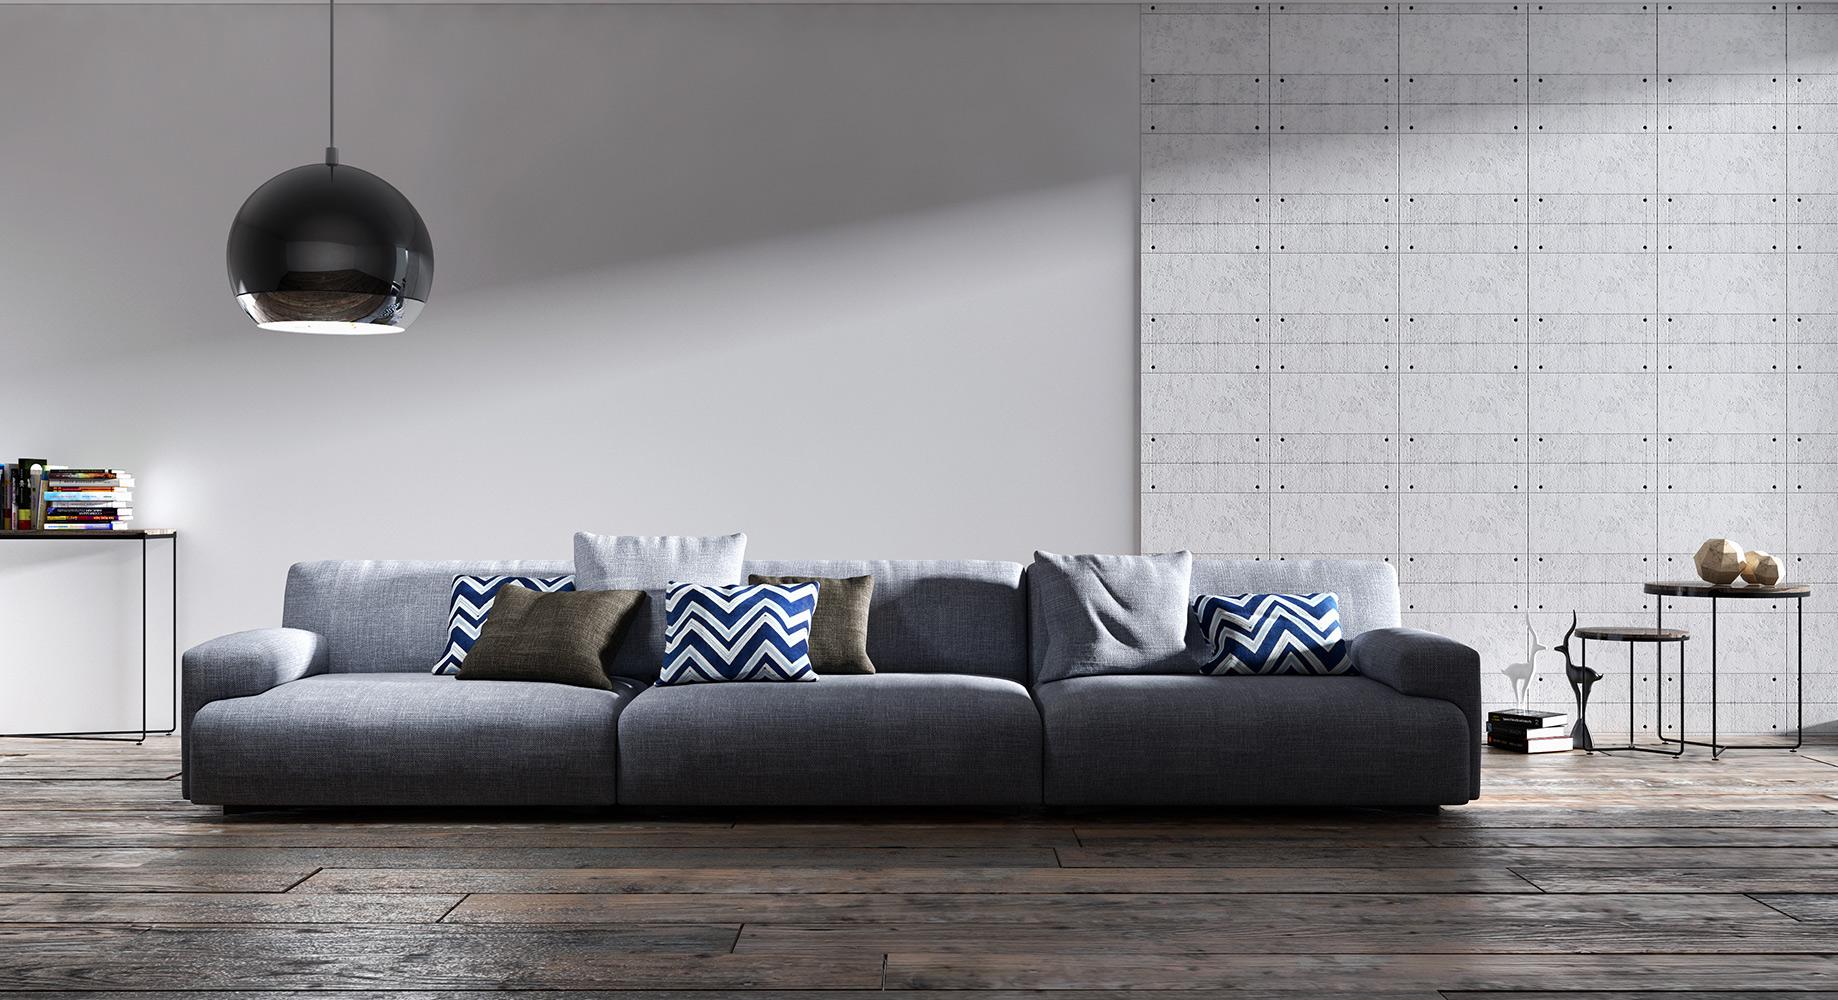 Full Size of Ideen Zur Wandgestaltung Mit Farbe Wohnzimmer Vorhänge Liege Deckenlampe Led Beleuchtung Teppich Fototapete Deckenleuchten Schrankwand Decken Hängeschrank Wohnzimmer Tapeten Ideen Wohnzimmer